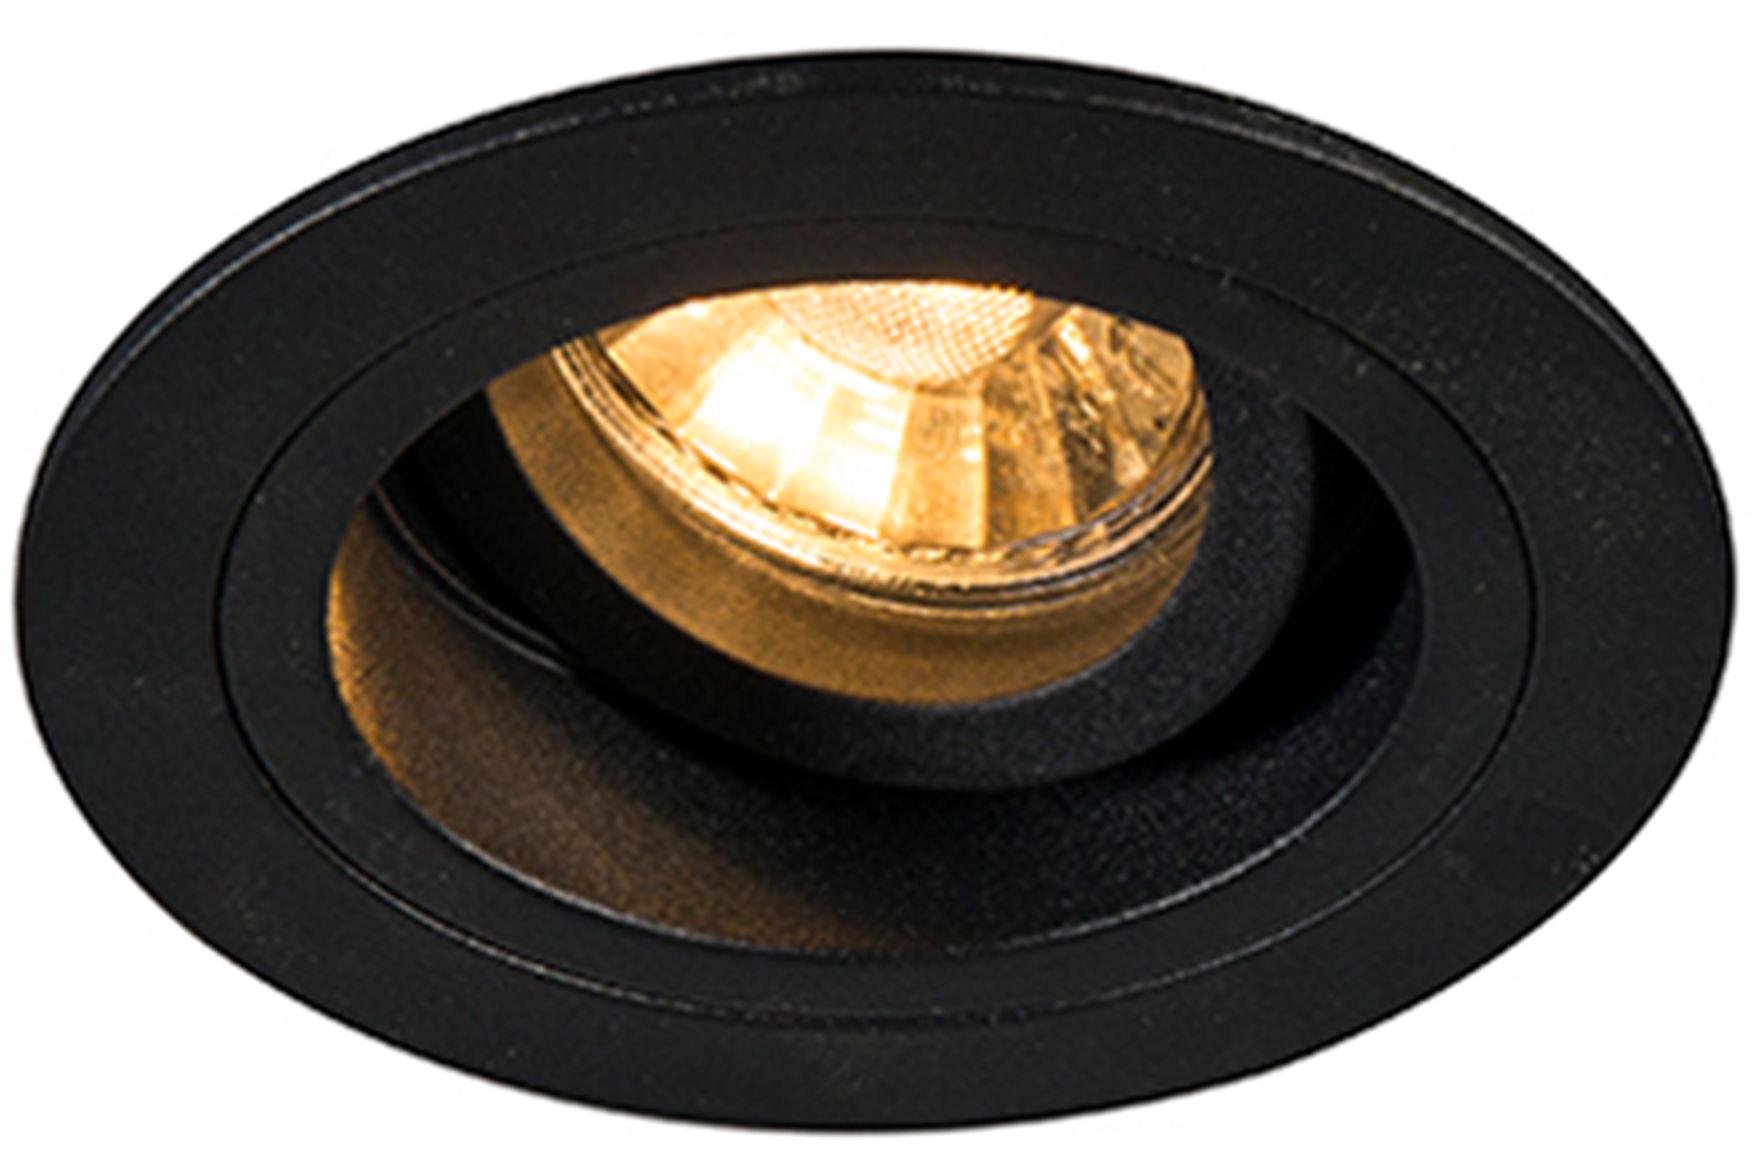 Zuma Line 92700 CHUCK DL ROUND oprawa oświetleniowa wpuszczana podtynkowa czarna GU10 9,2cm